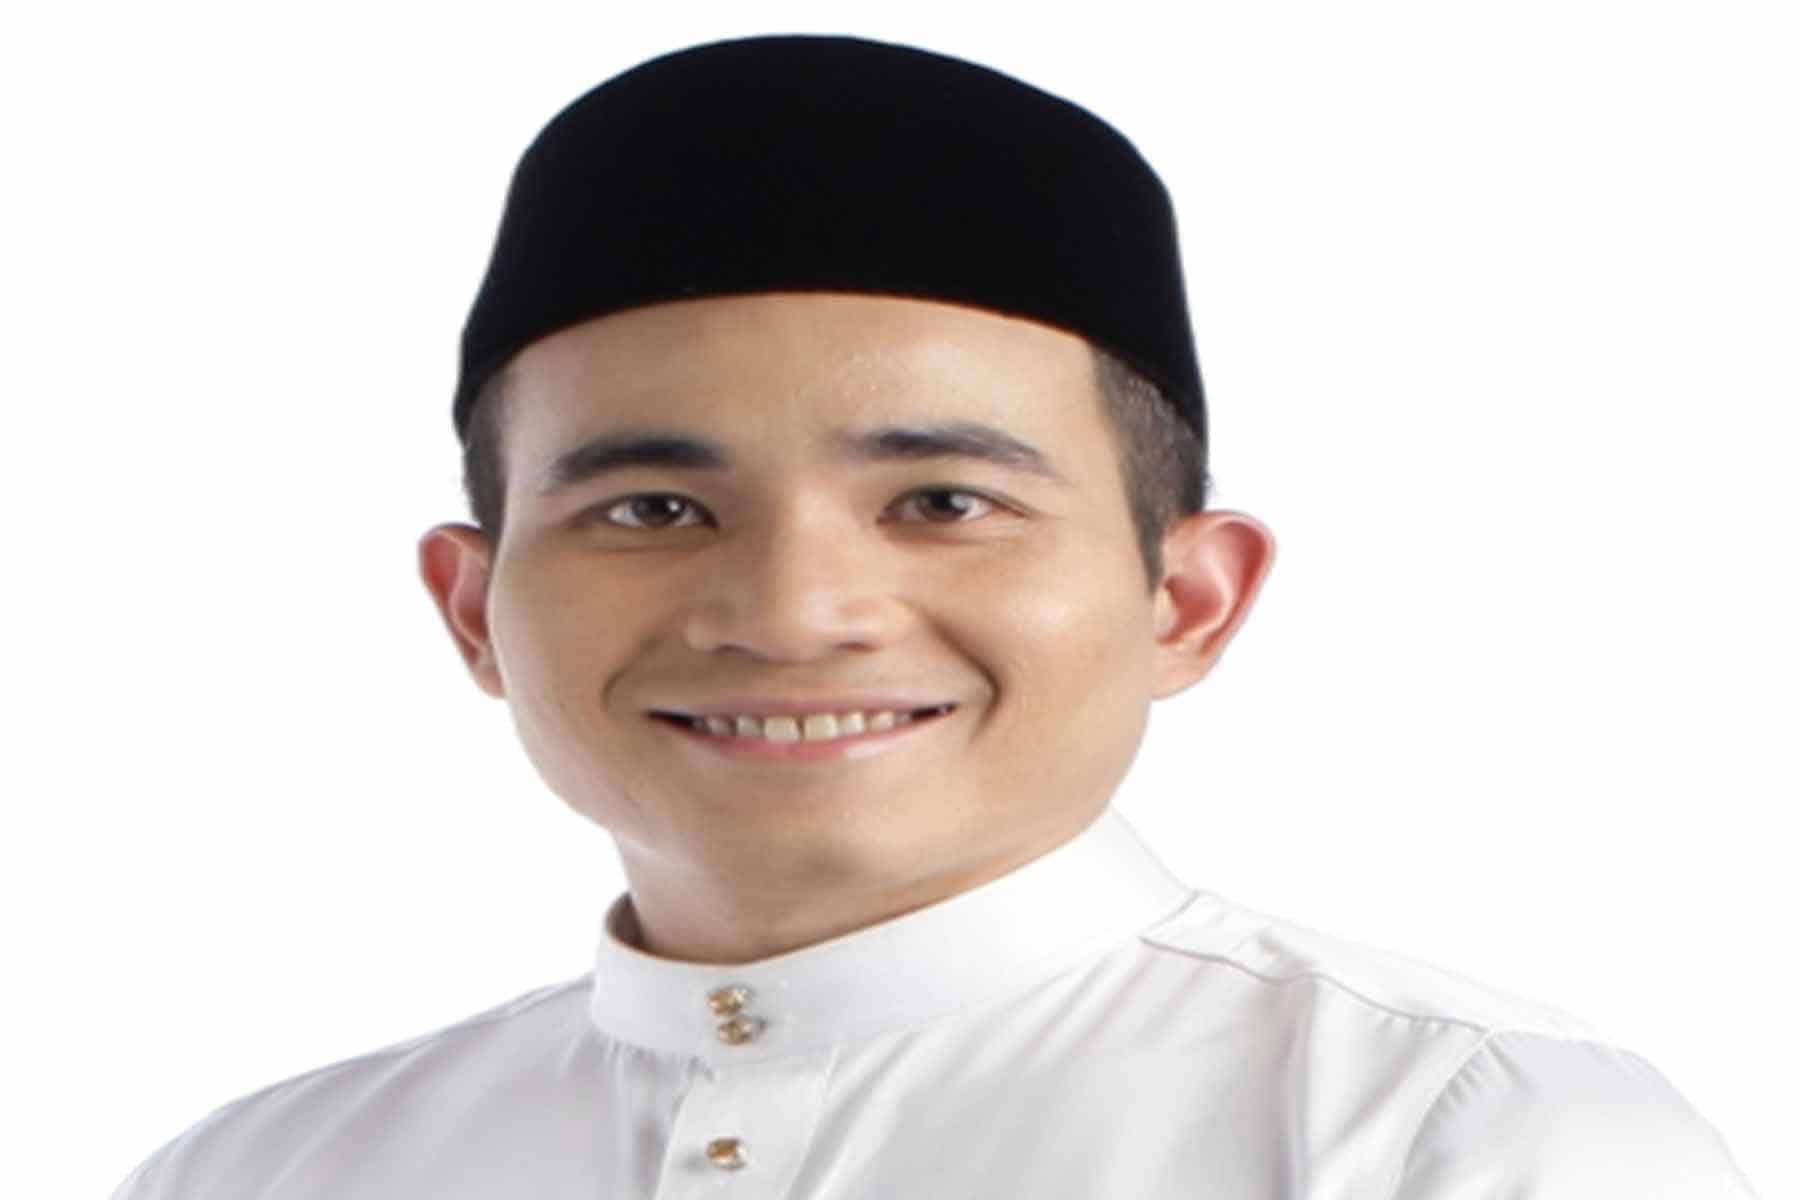 Umno yang mesyuarat, parti lain pulak yang resah?, Umno sindir Bersatu